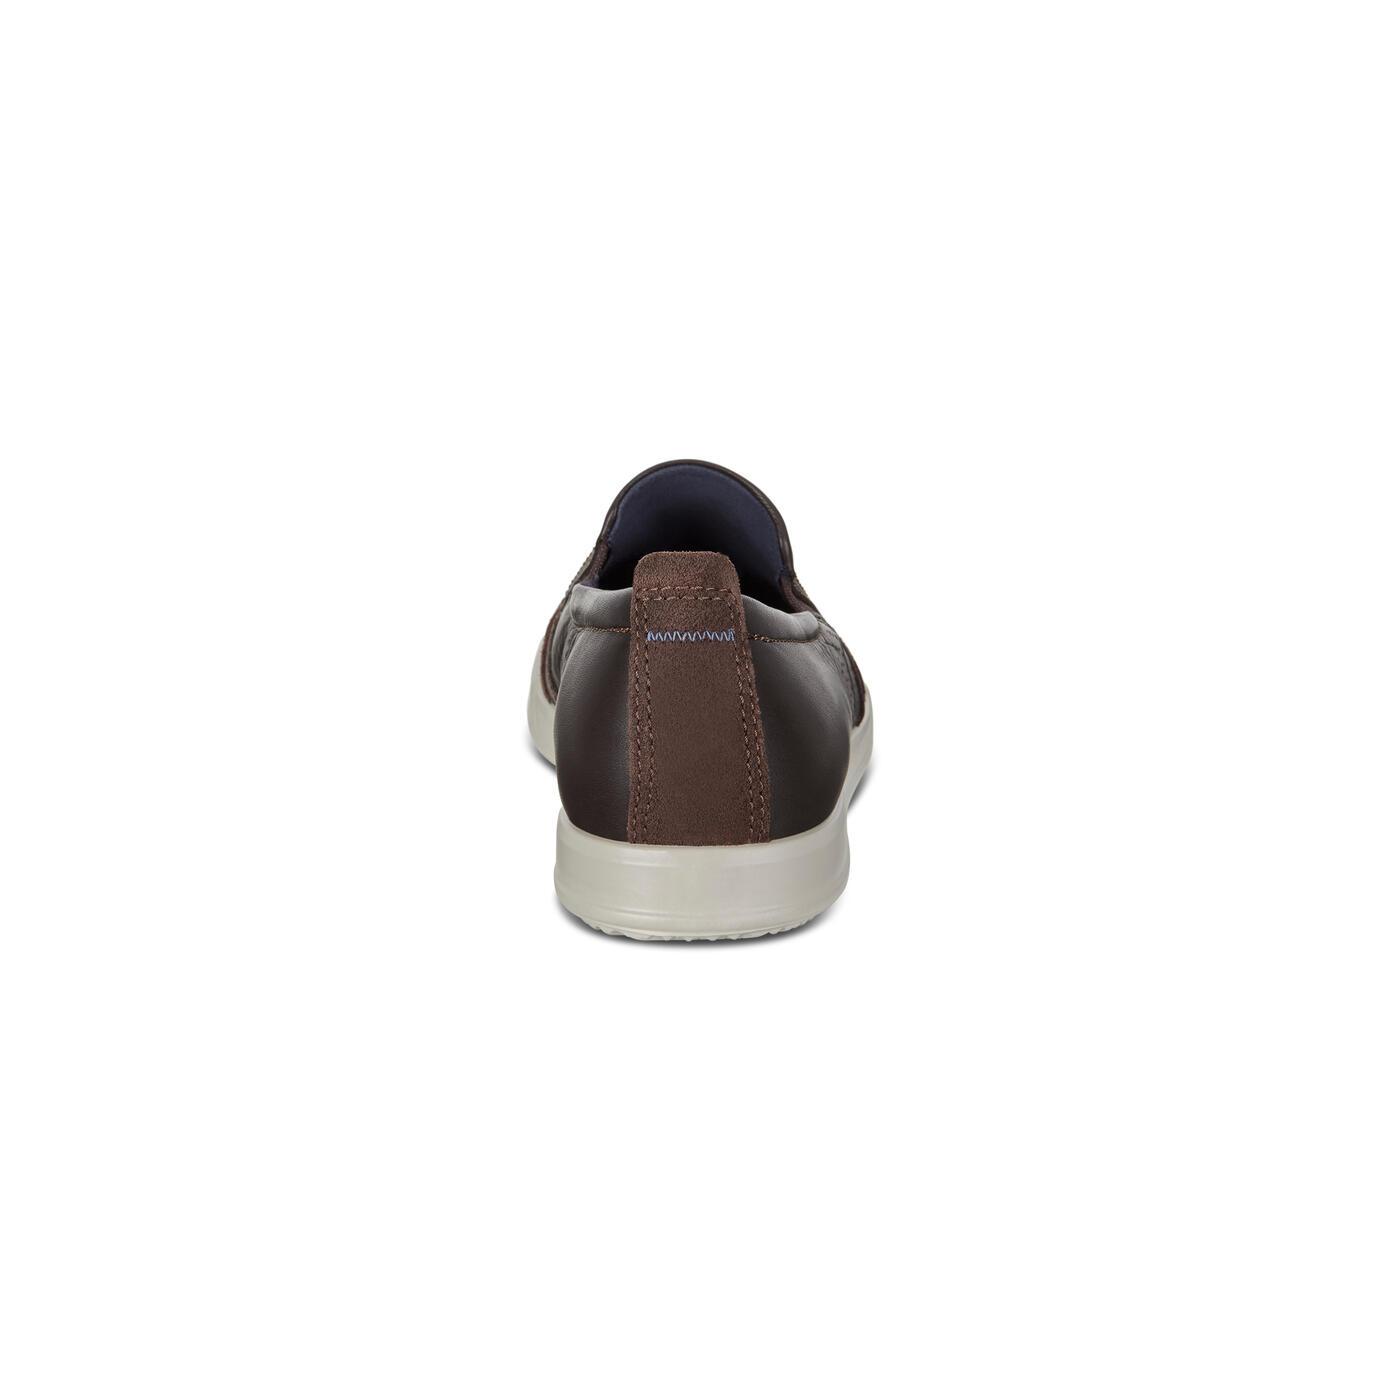 ECCO Collin 2.0 Men's Slip-On Sneakers